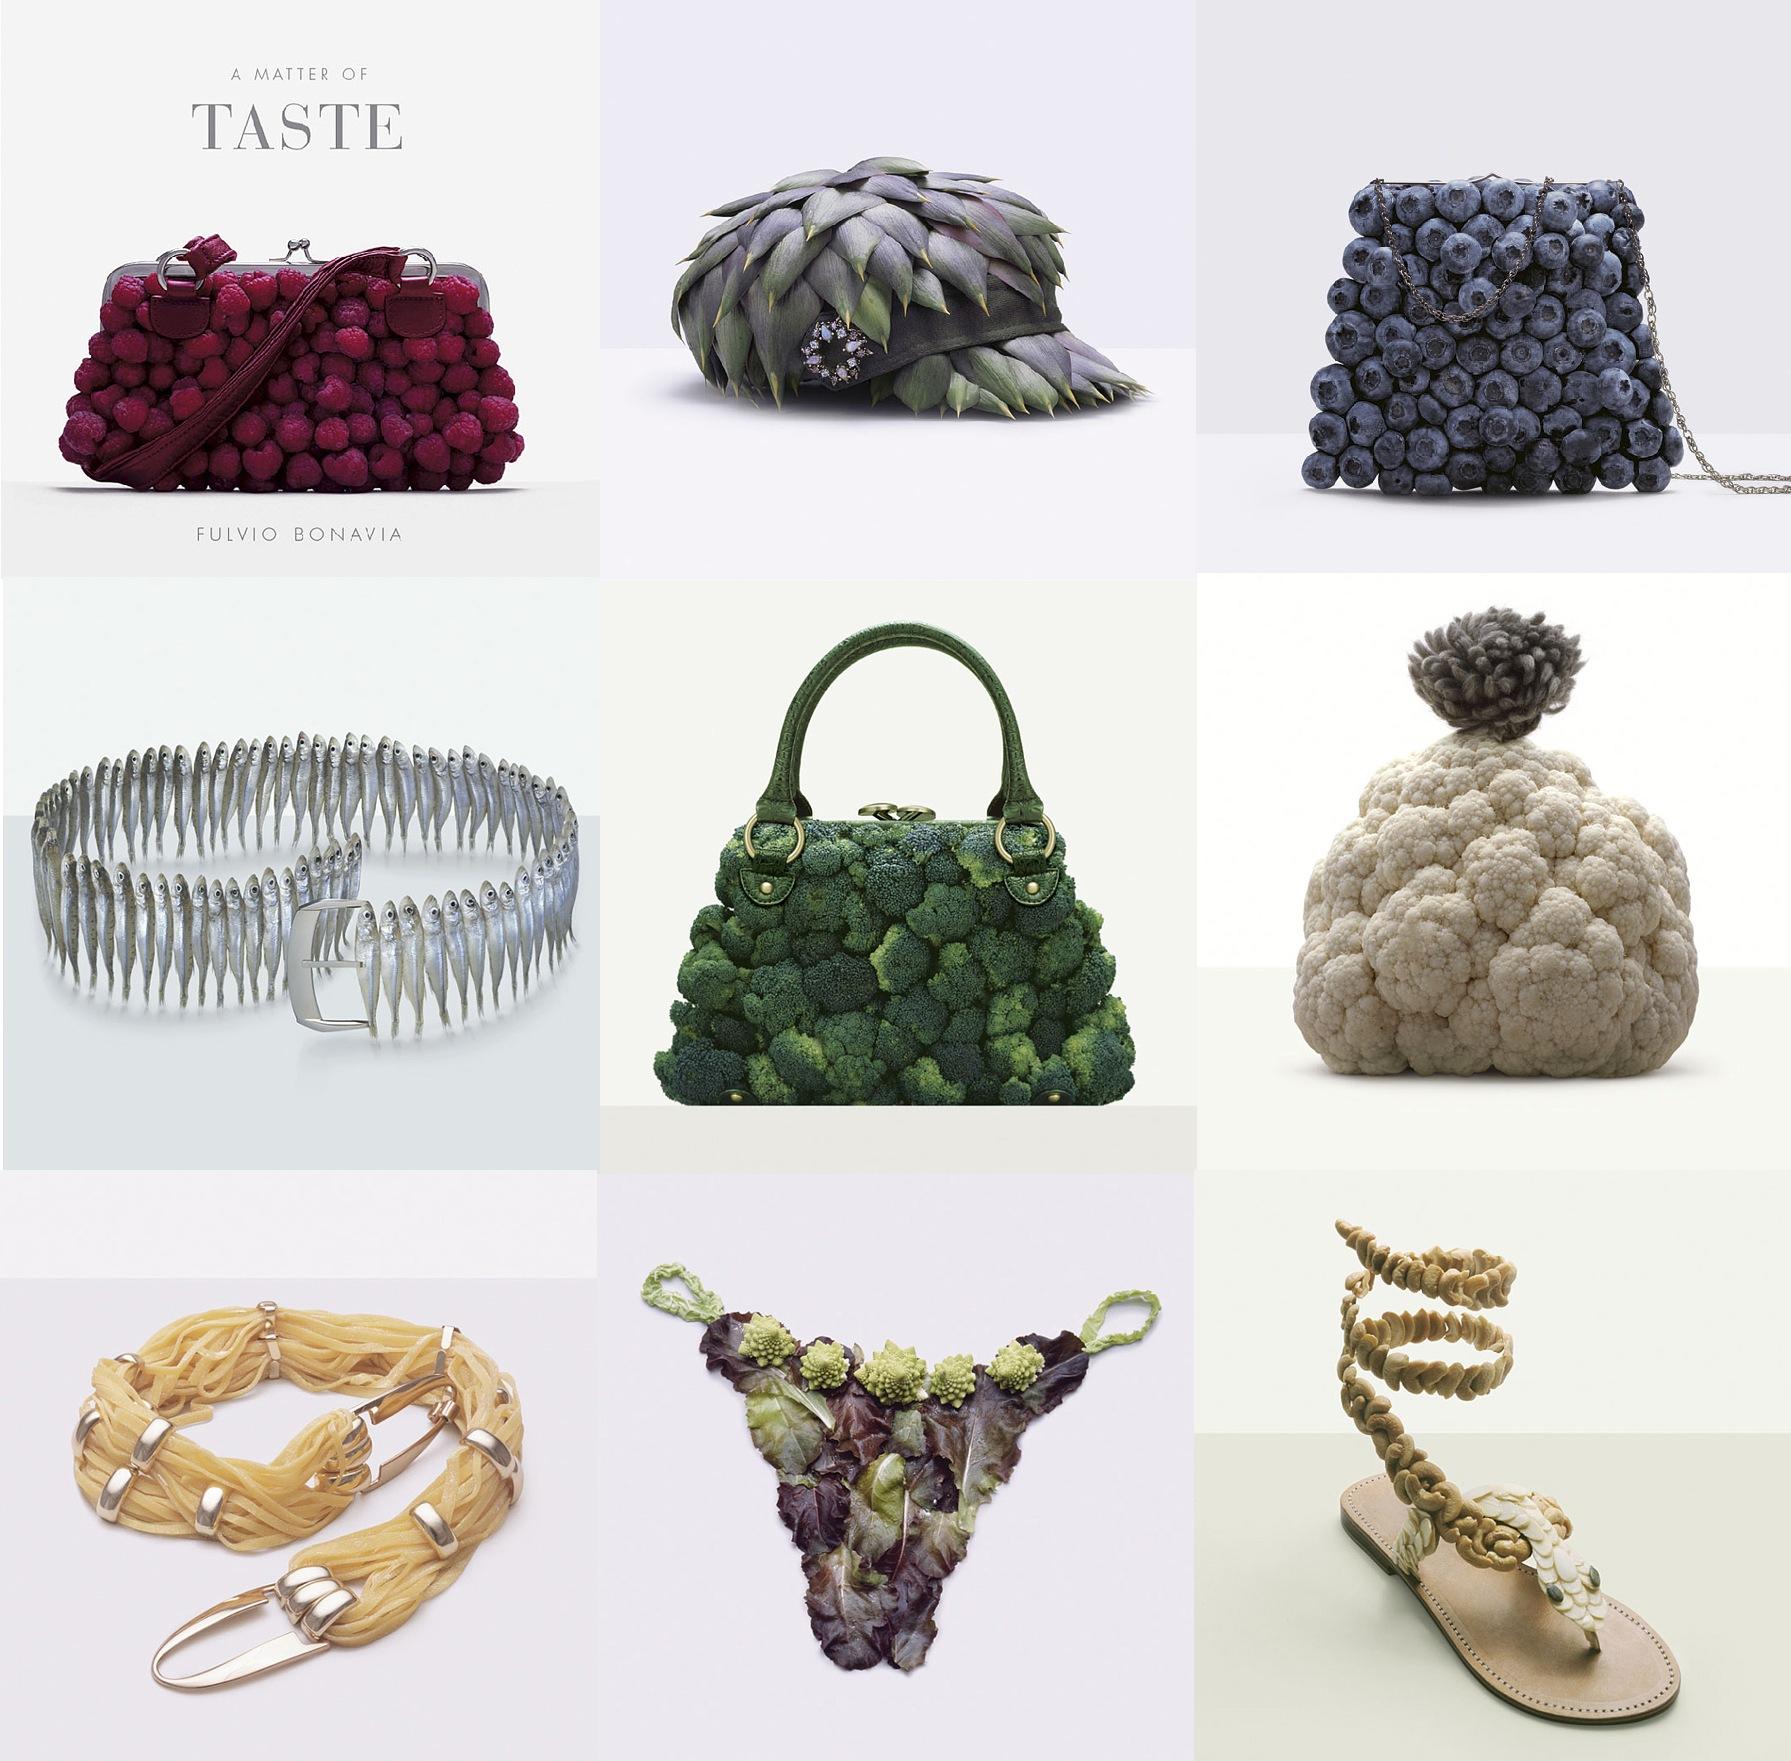 The taste of luxury by Fulvio Bonavia